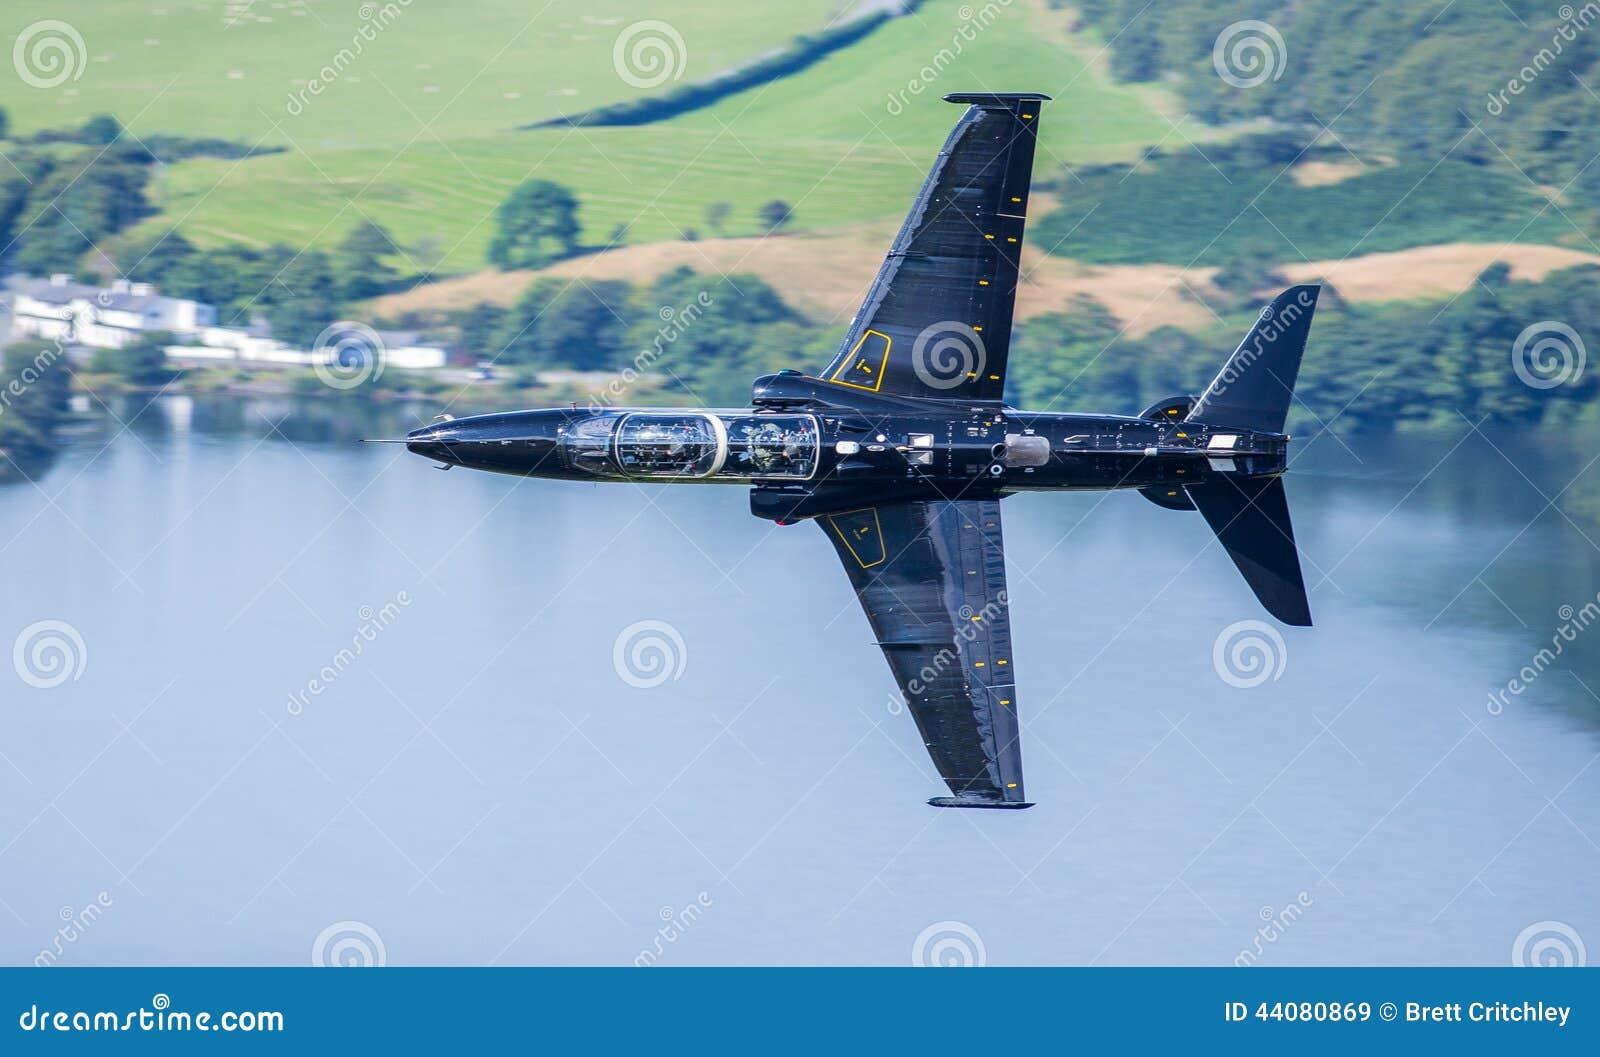 Aereo Da Caccia Falco : Falco nero del t dell aereo da caccia immagine stock